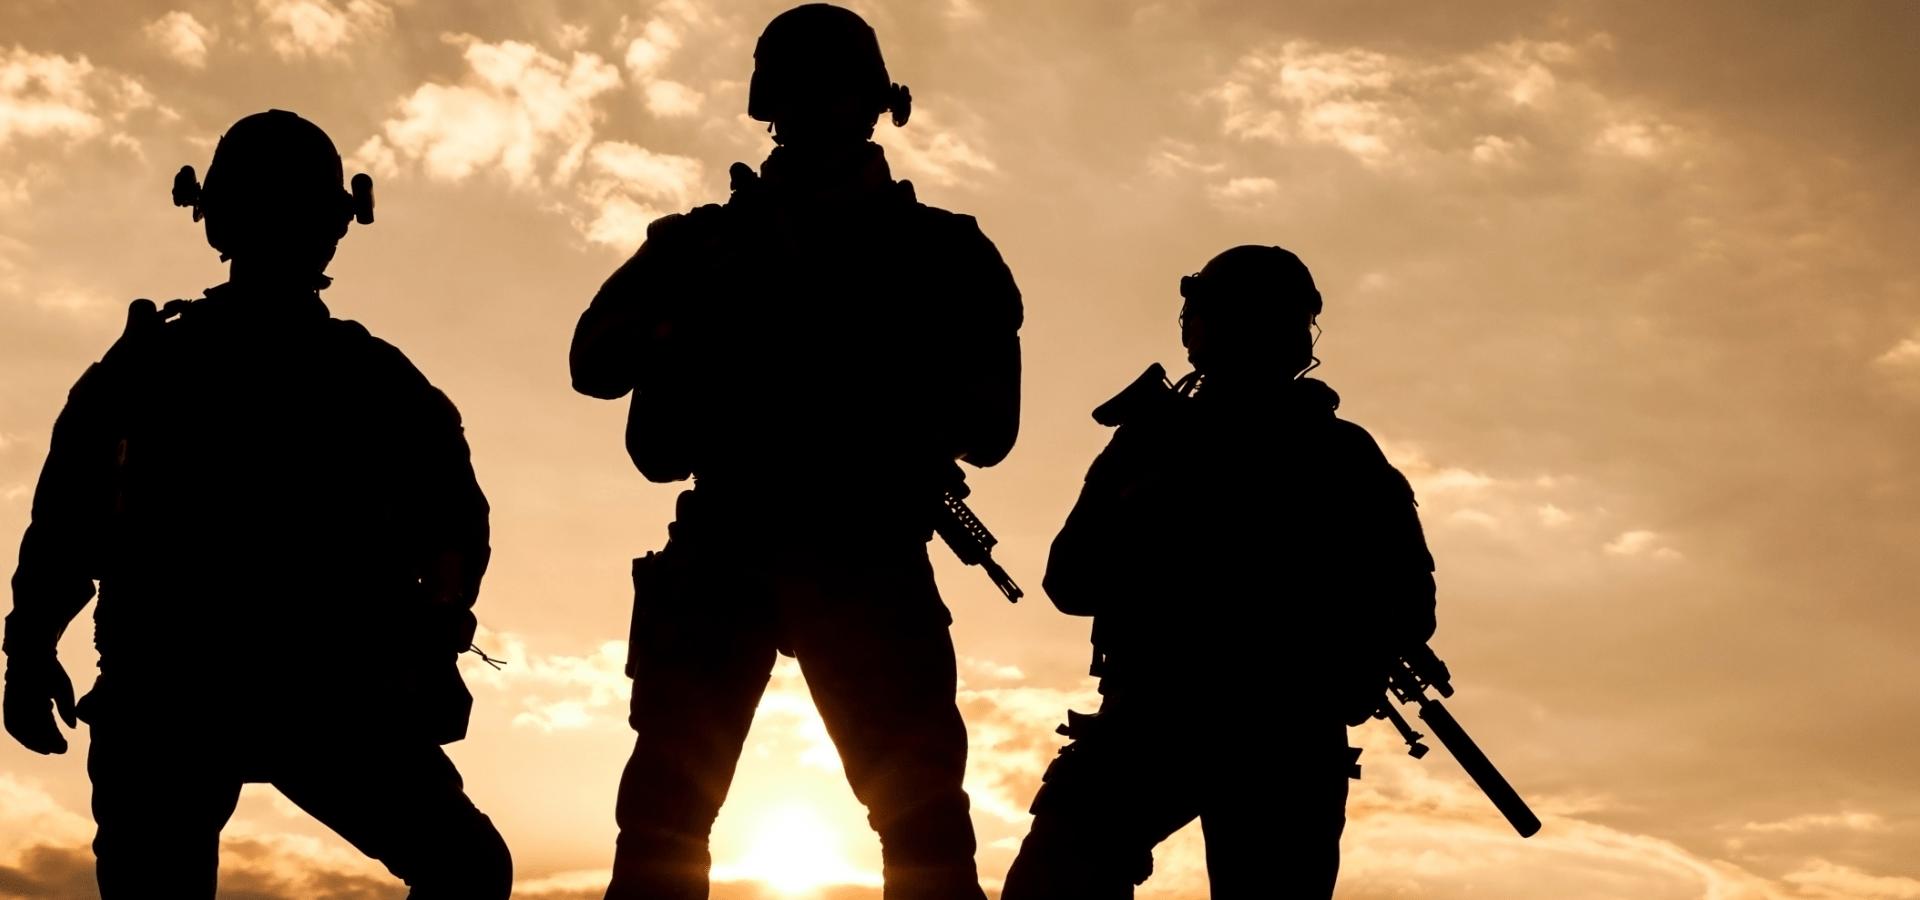 Armed Forces Main Slider Image